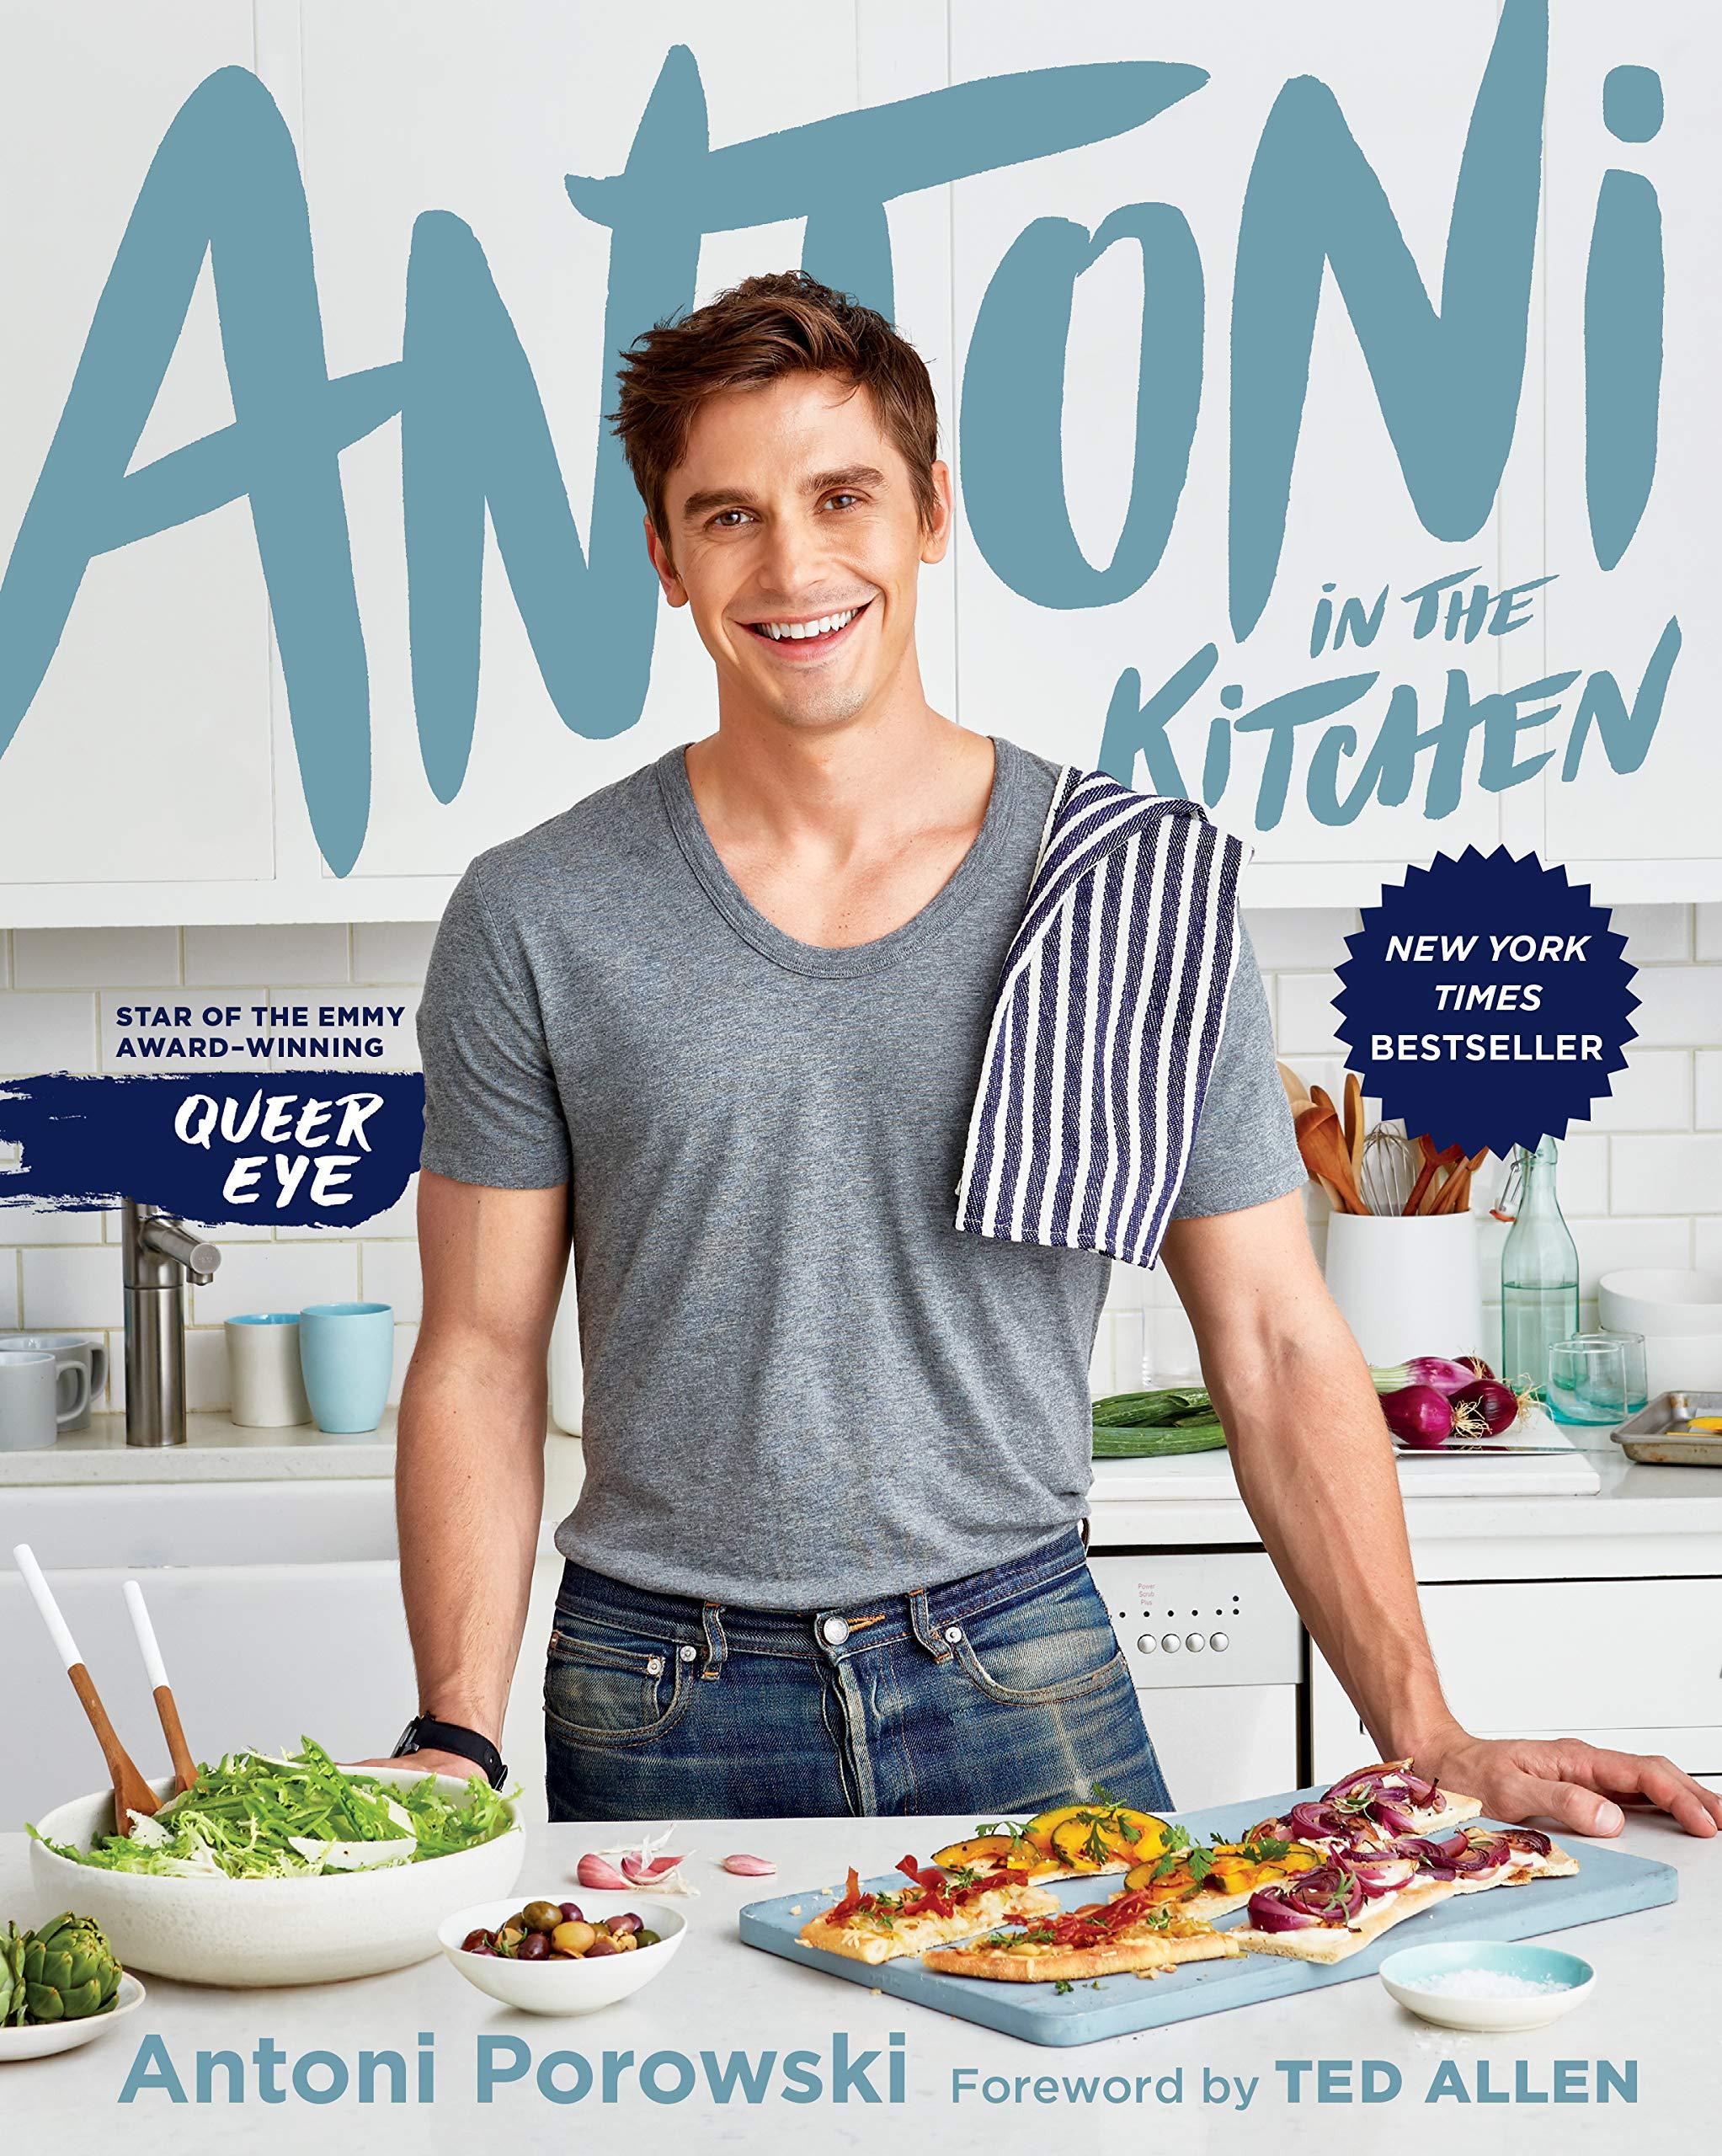 Энтони Поровски, «Antoni inthe Kitchen» 10 кулинарных книг знаменитостей